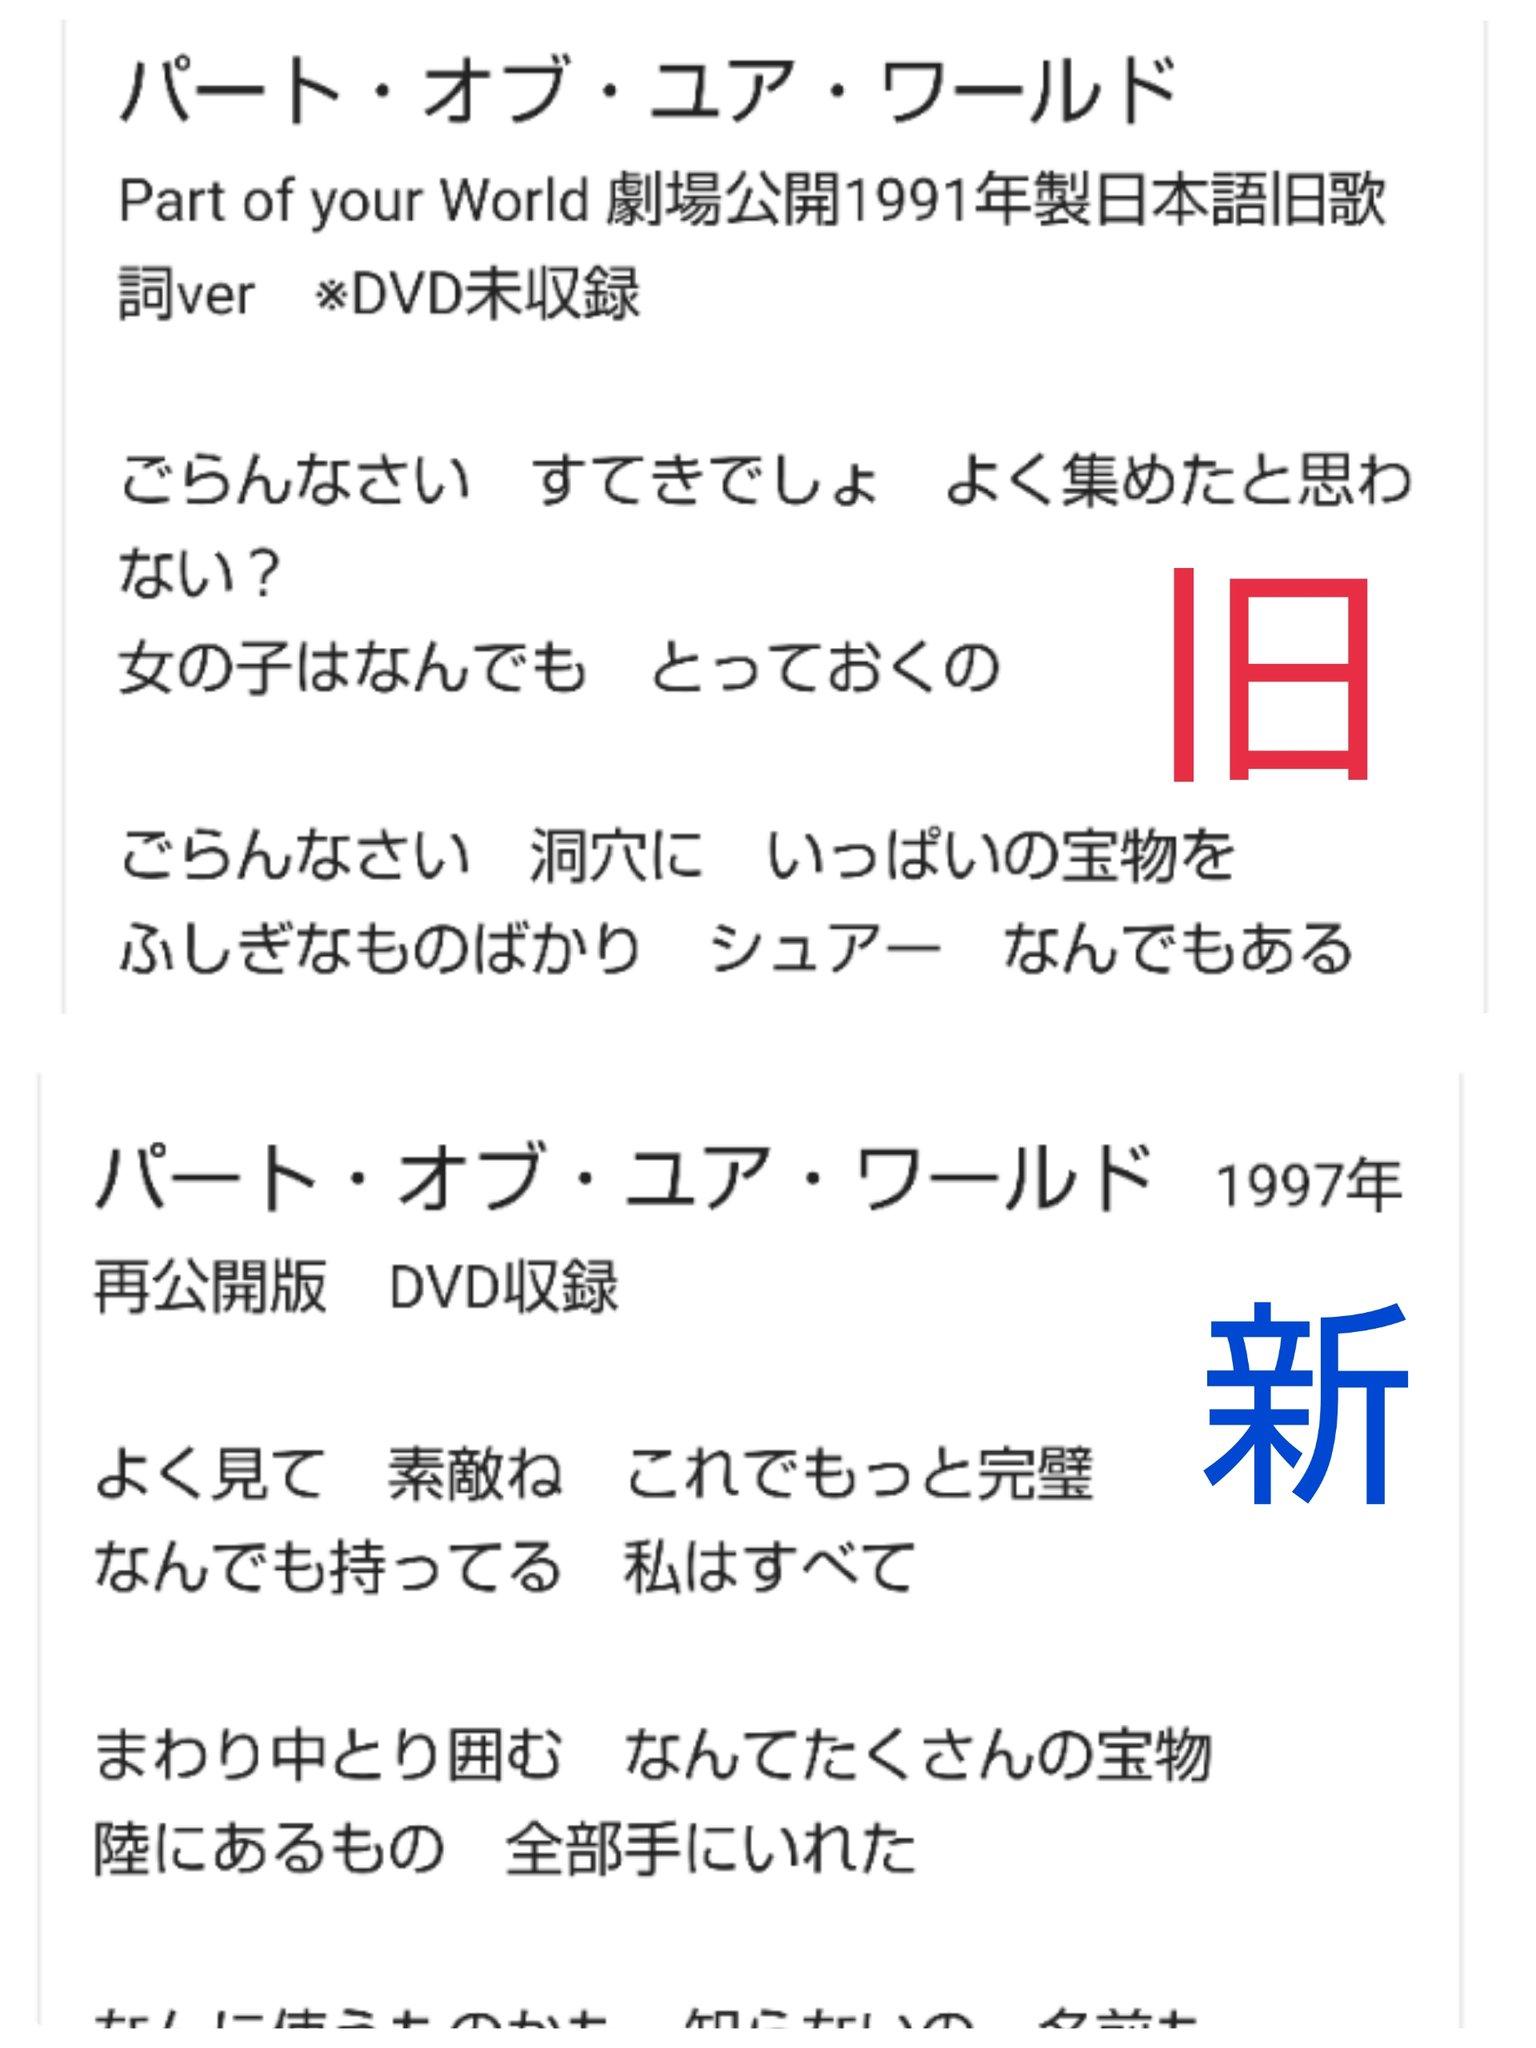 ユア 日本 オブ パート 語 ワールド